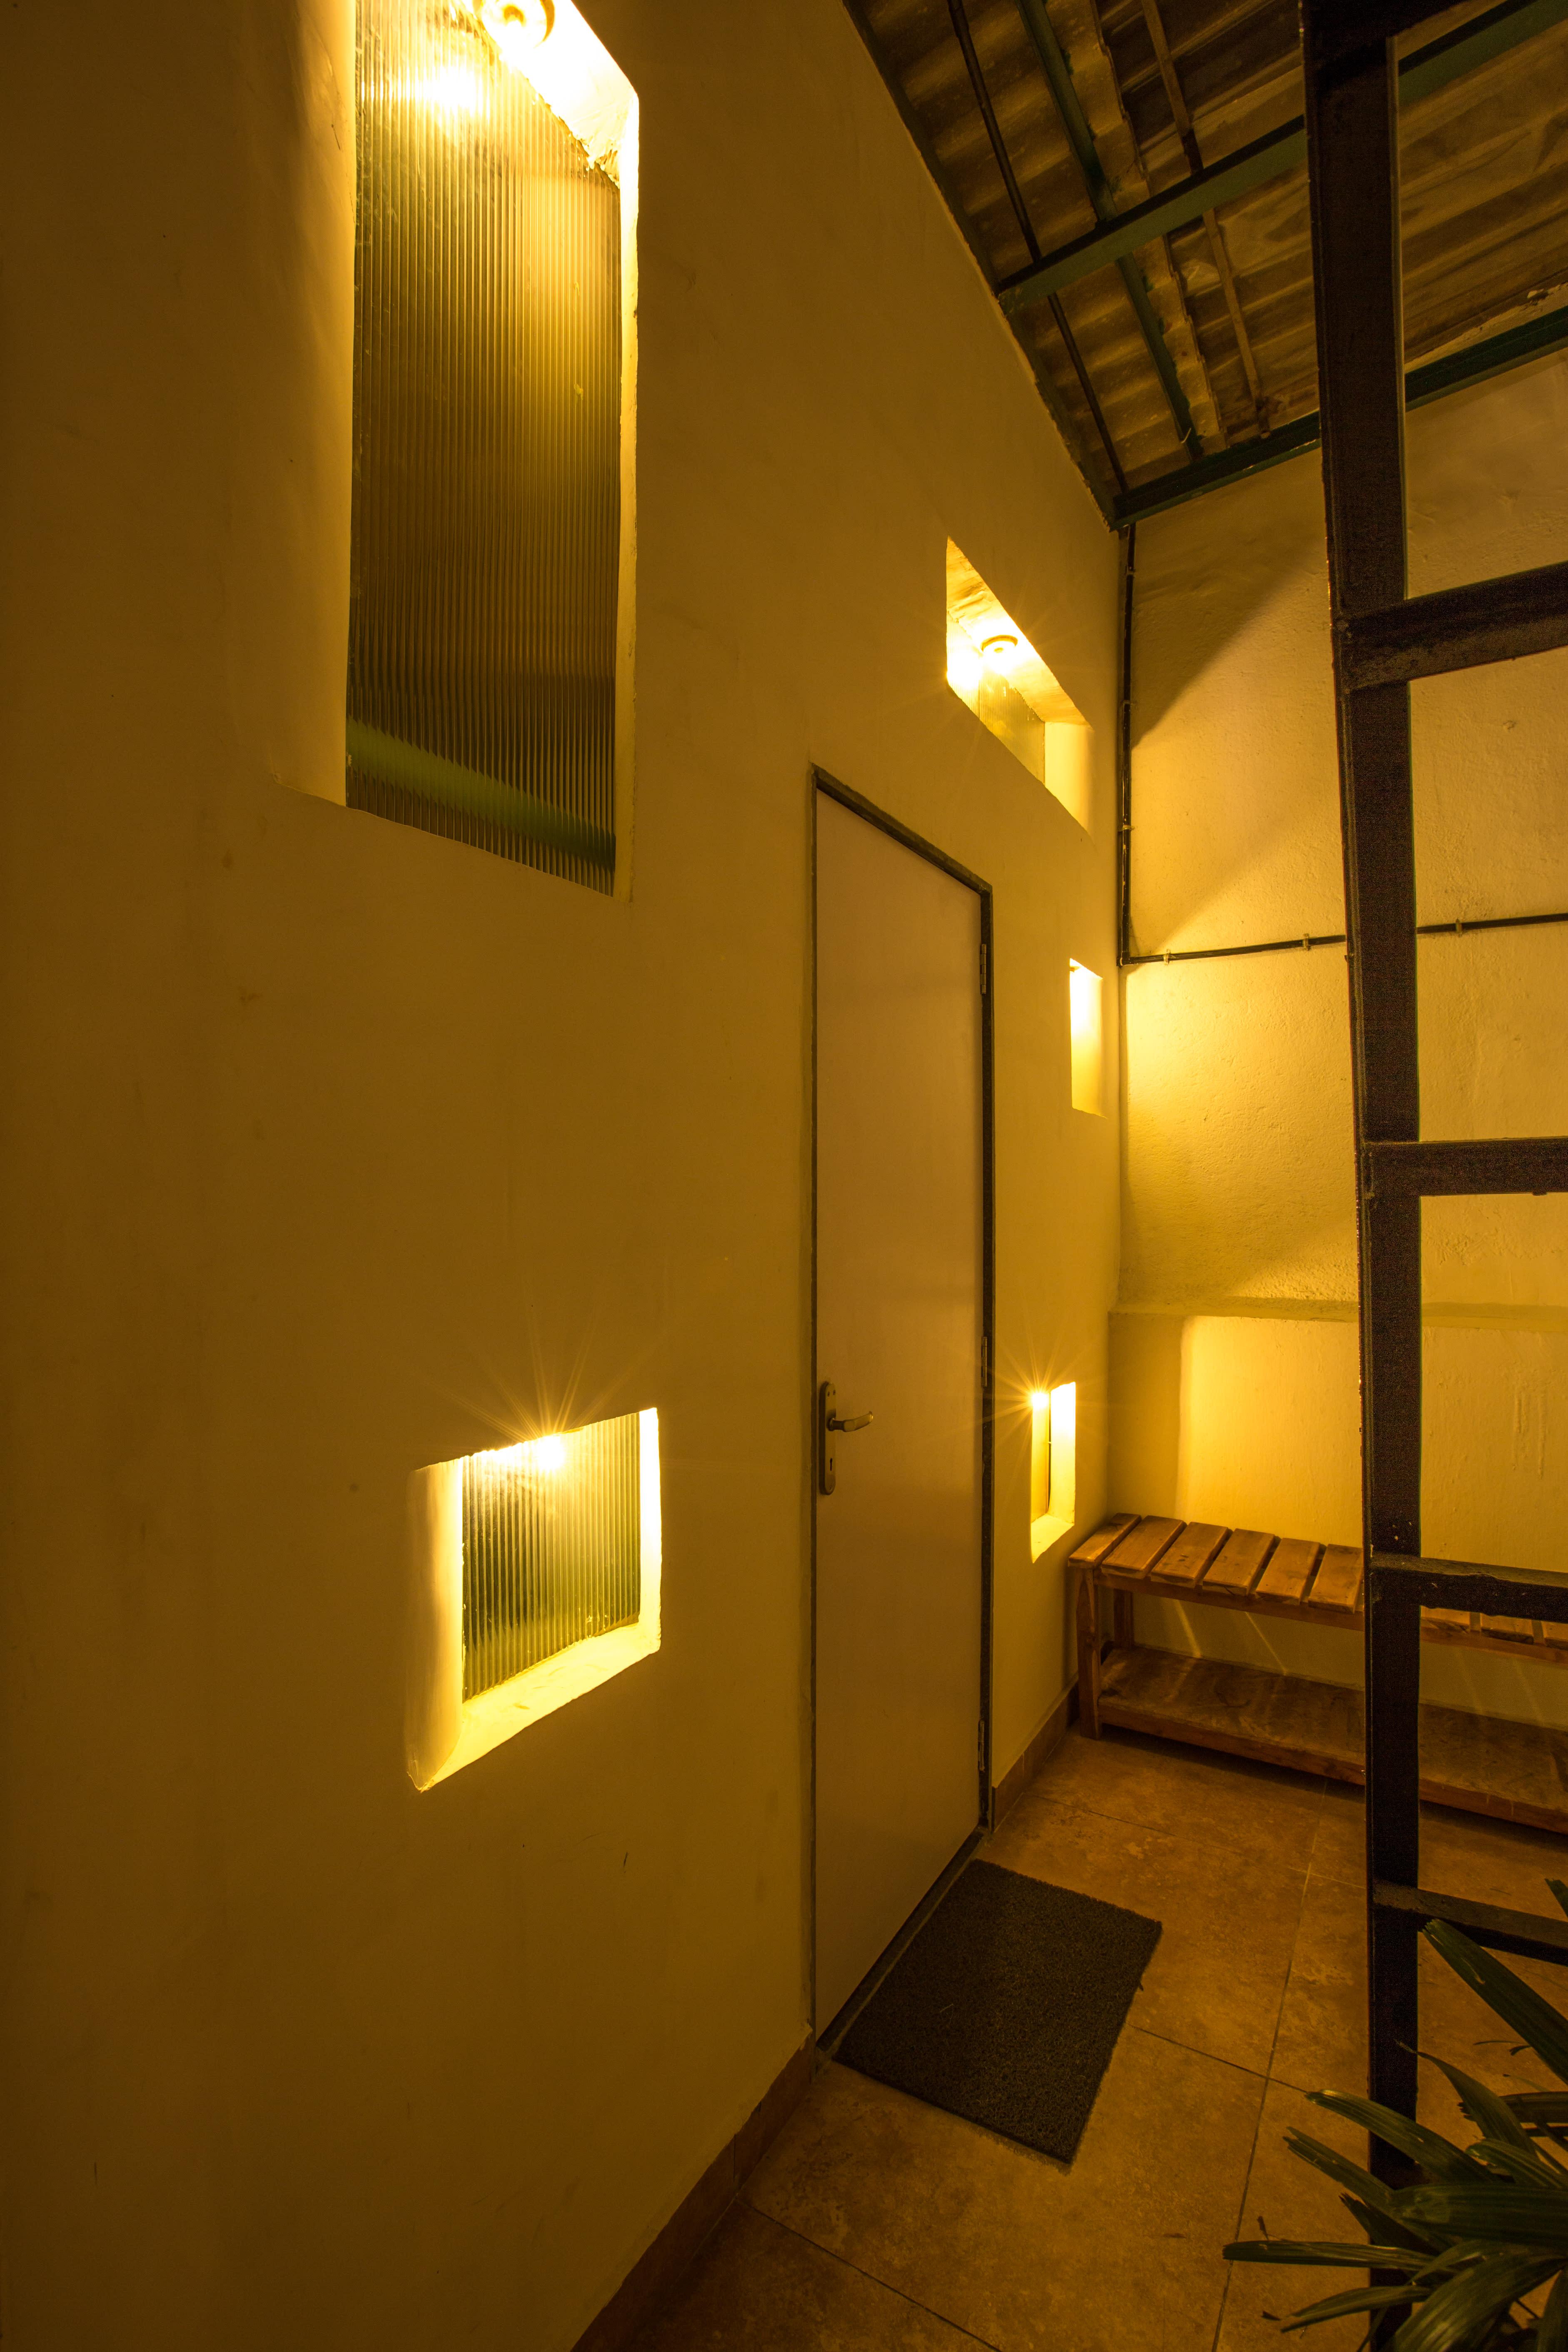 HOSTEL - Hostel Mantra